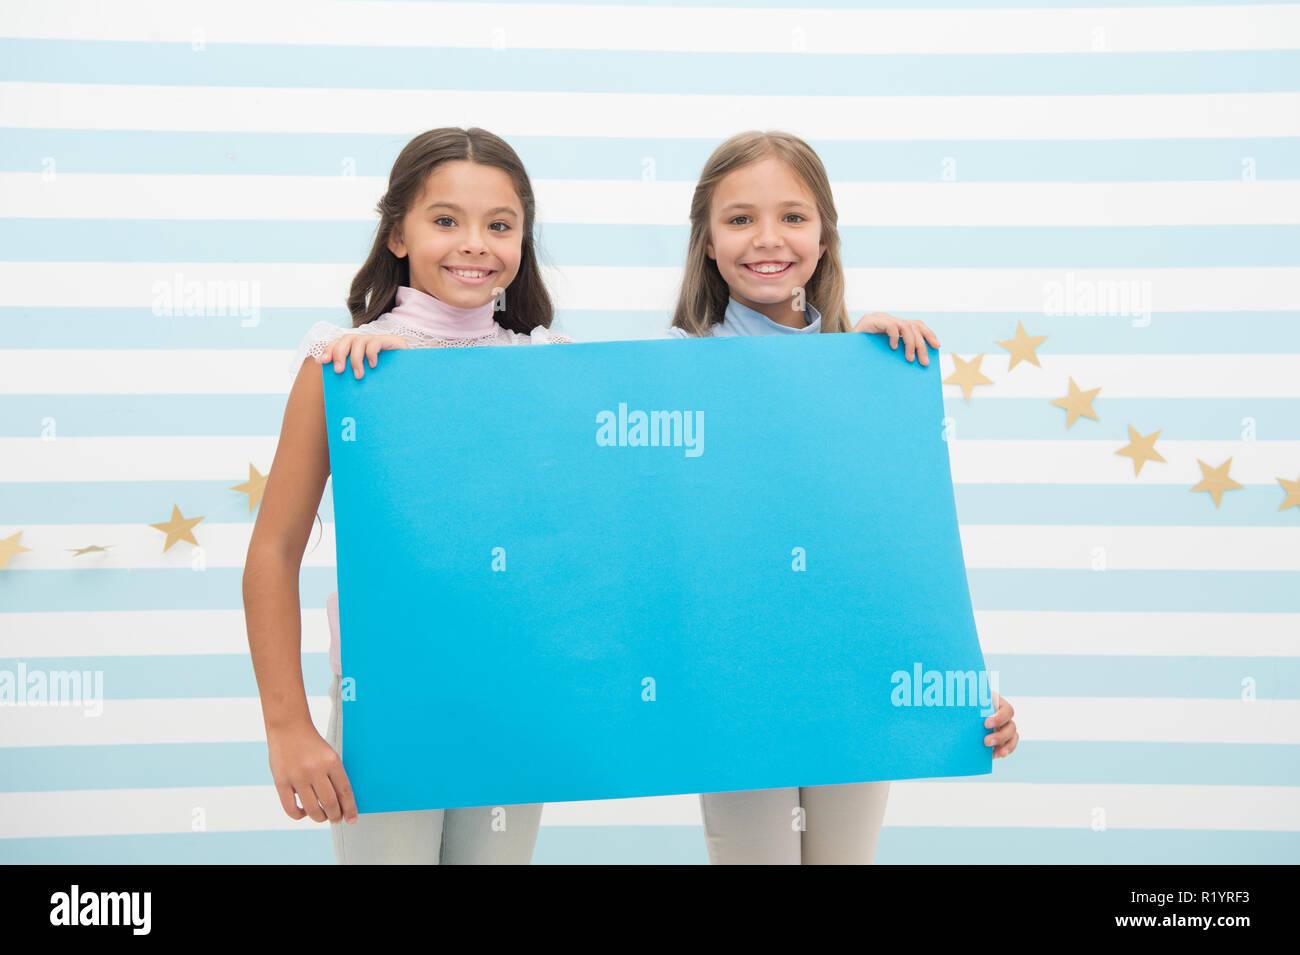 Concepto de anuncio para niños. Increíble noticia sorprendente. Chica mantenga anuncio banner. Las niñas niños sosteniendo pancartas de papel para el anuncio. Los niños felices con el papel en blanco el espacio de copia de anuncio. Imagen De Stock